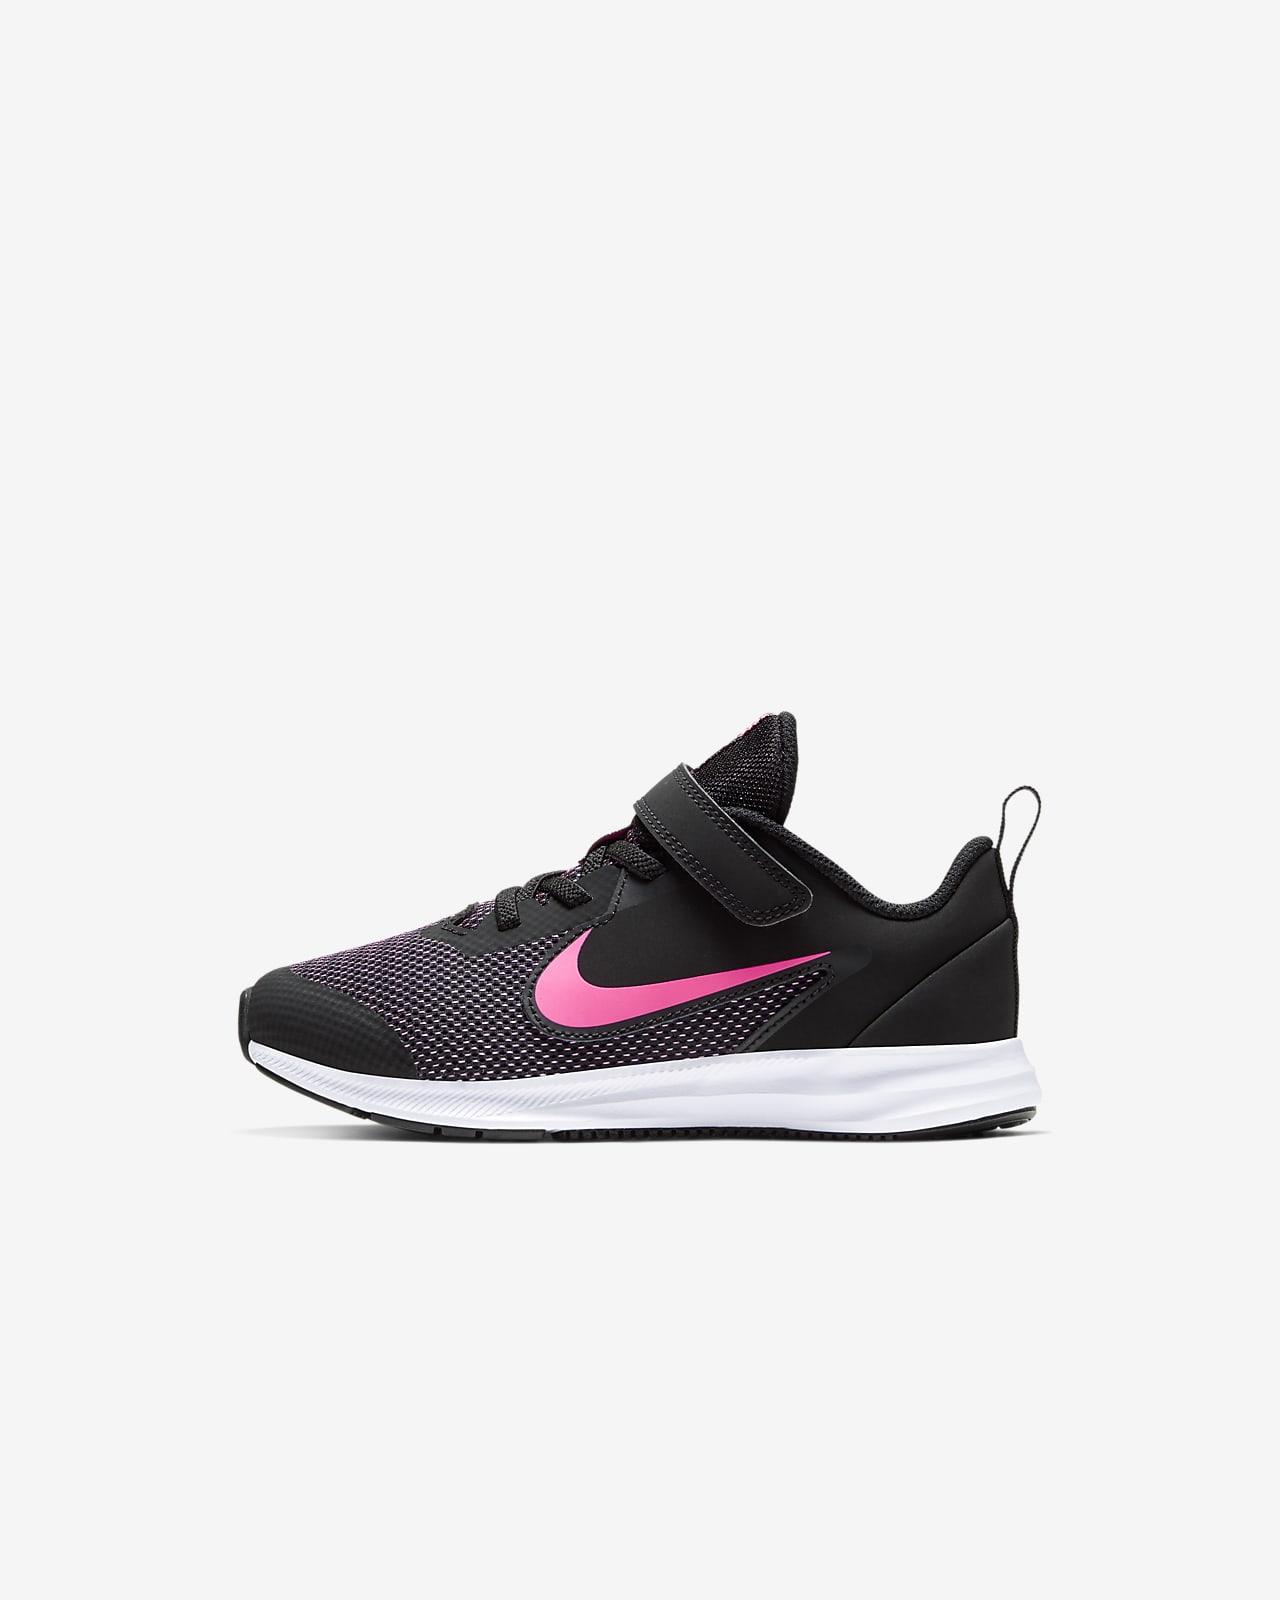 Sko Nike Downshifter 9 för barn